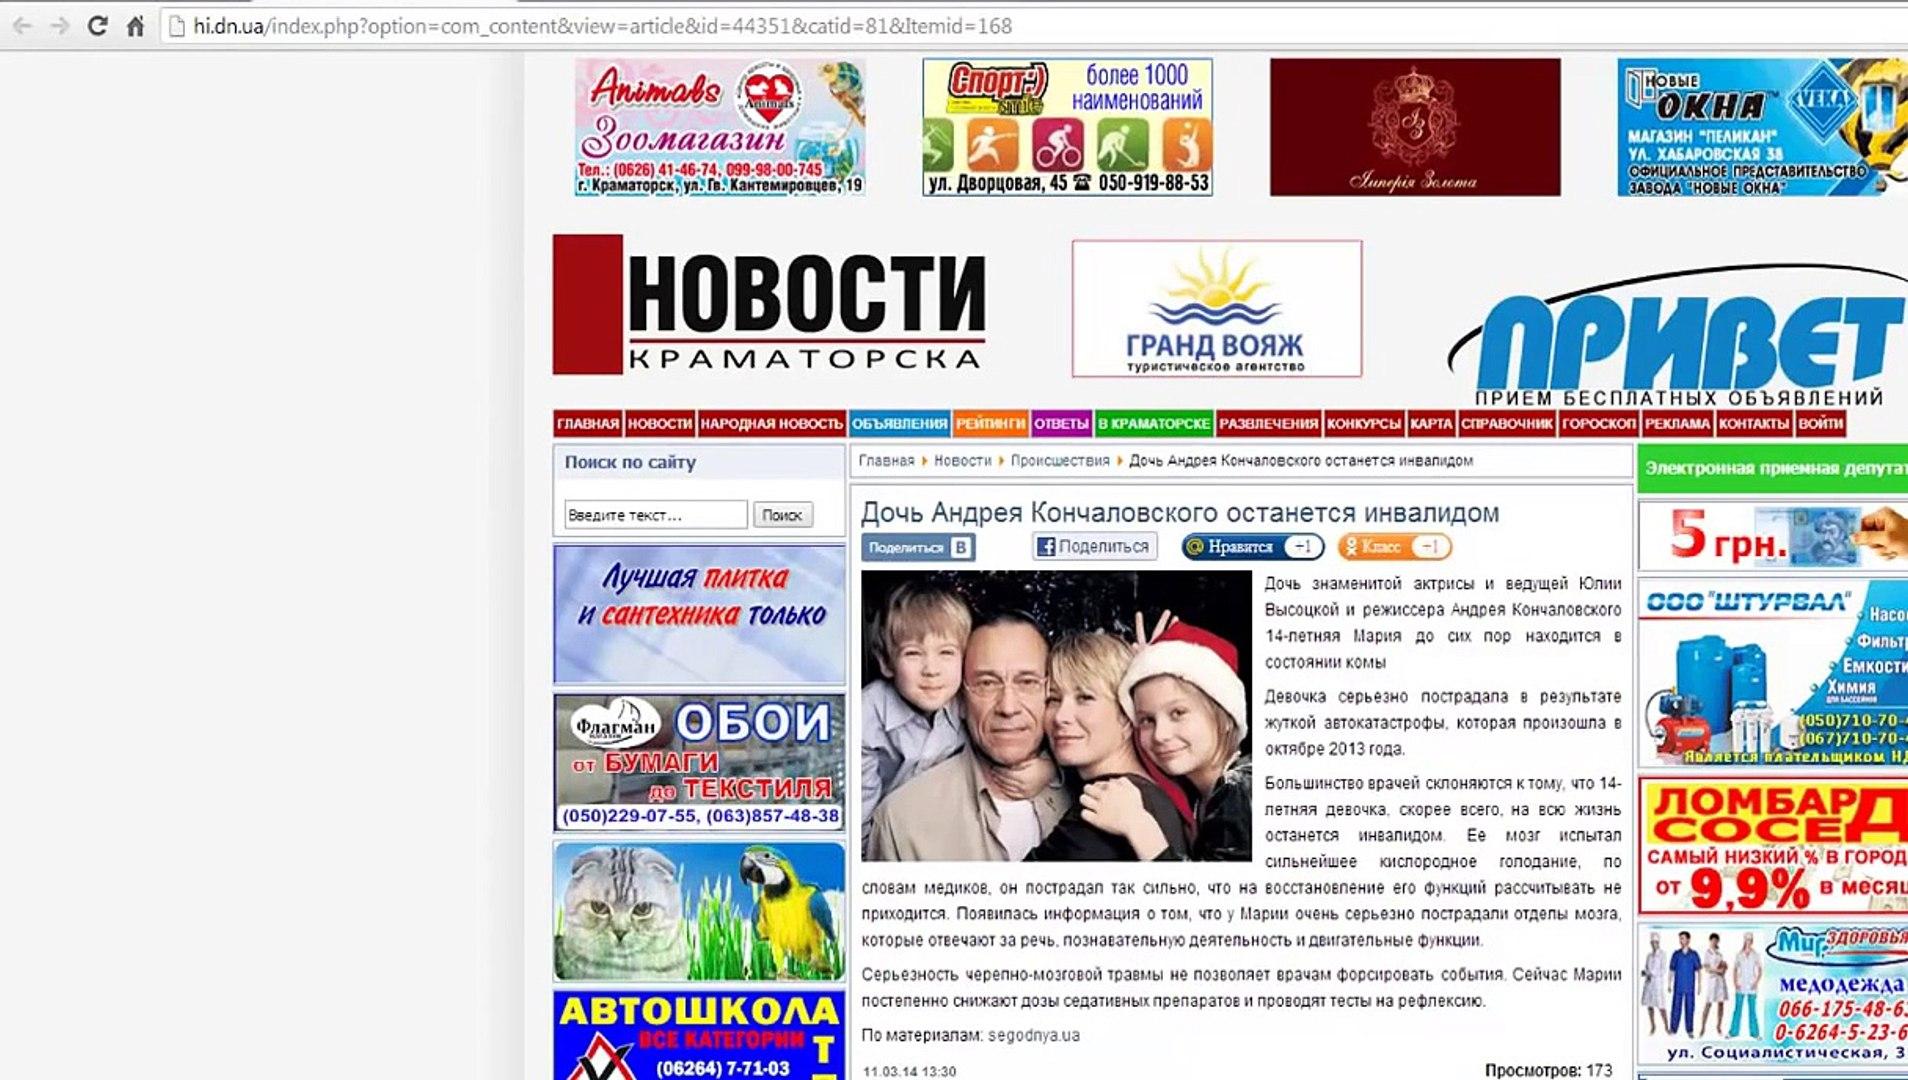 Showbiz NEWS: Дочь Андрея Кончаловского останется инвалидом